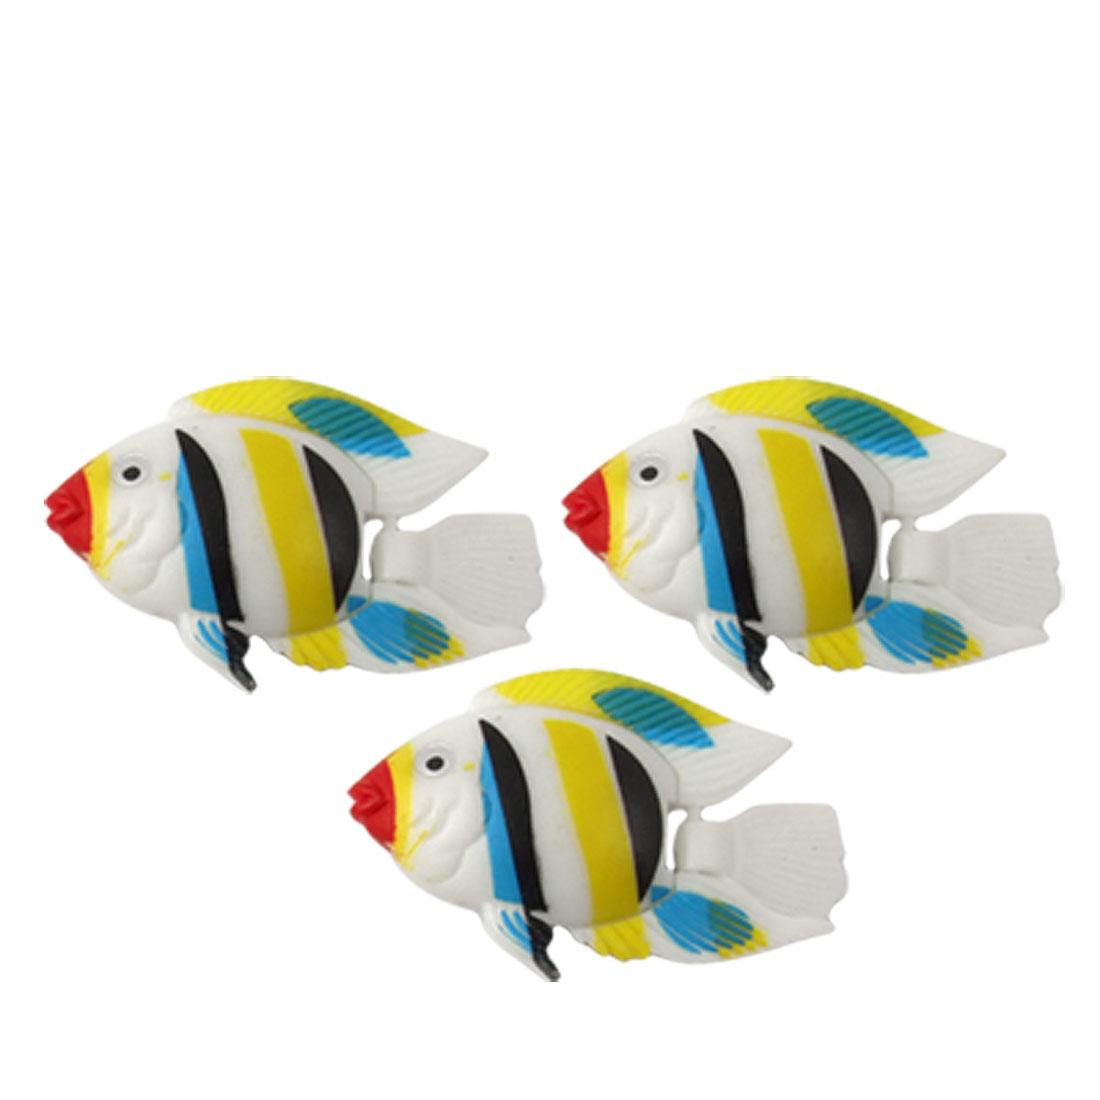 Aquarium Tank Decor Multicolor Plastic Manmade Tropical Fish 3 Pcs